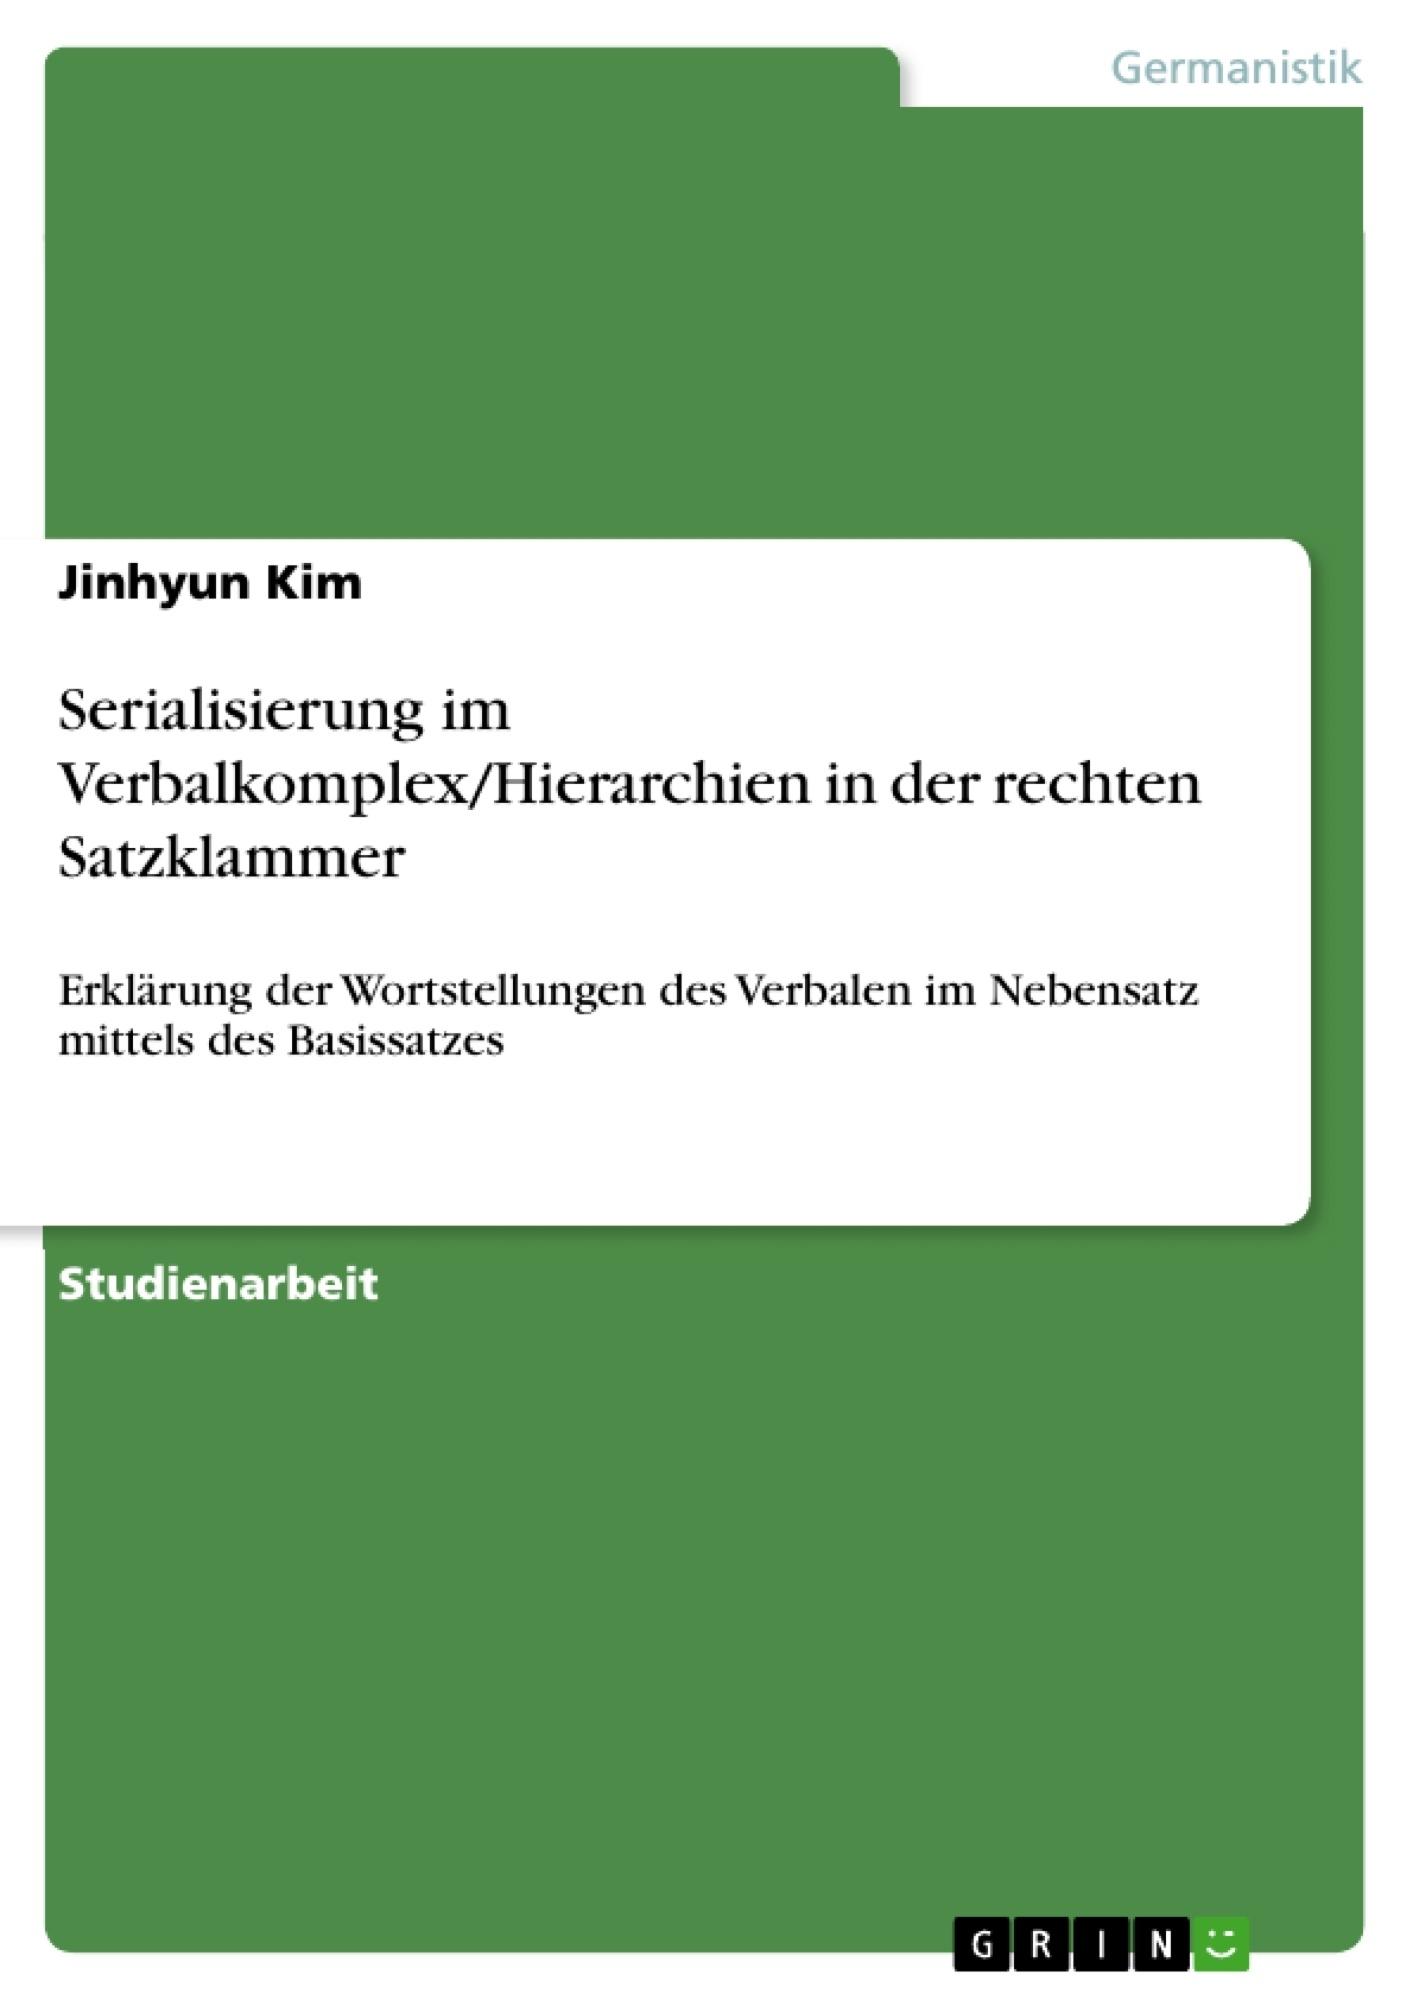 Titel: Serialisierung im Verbalkomplex/Hierarchien in der rechten Satzklammer